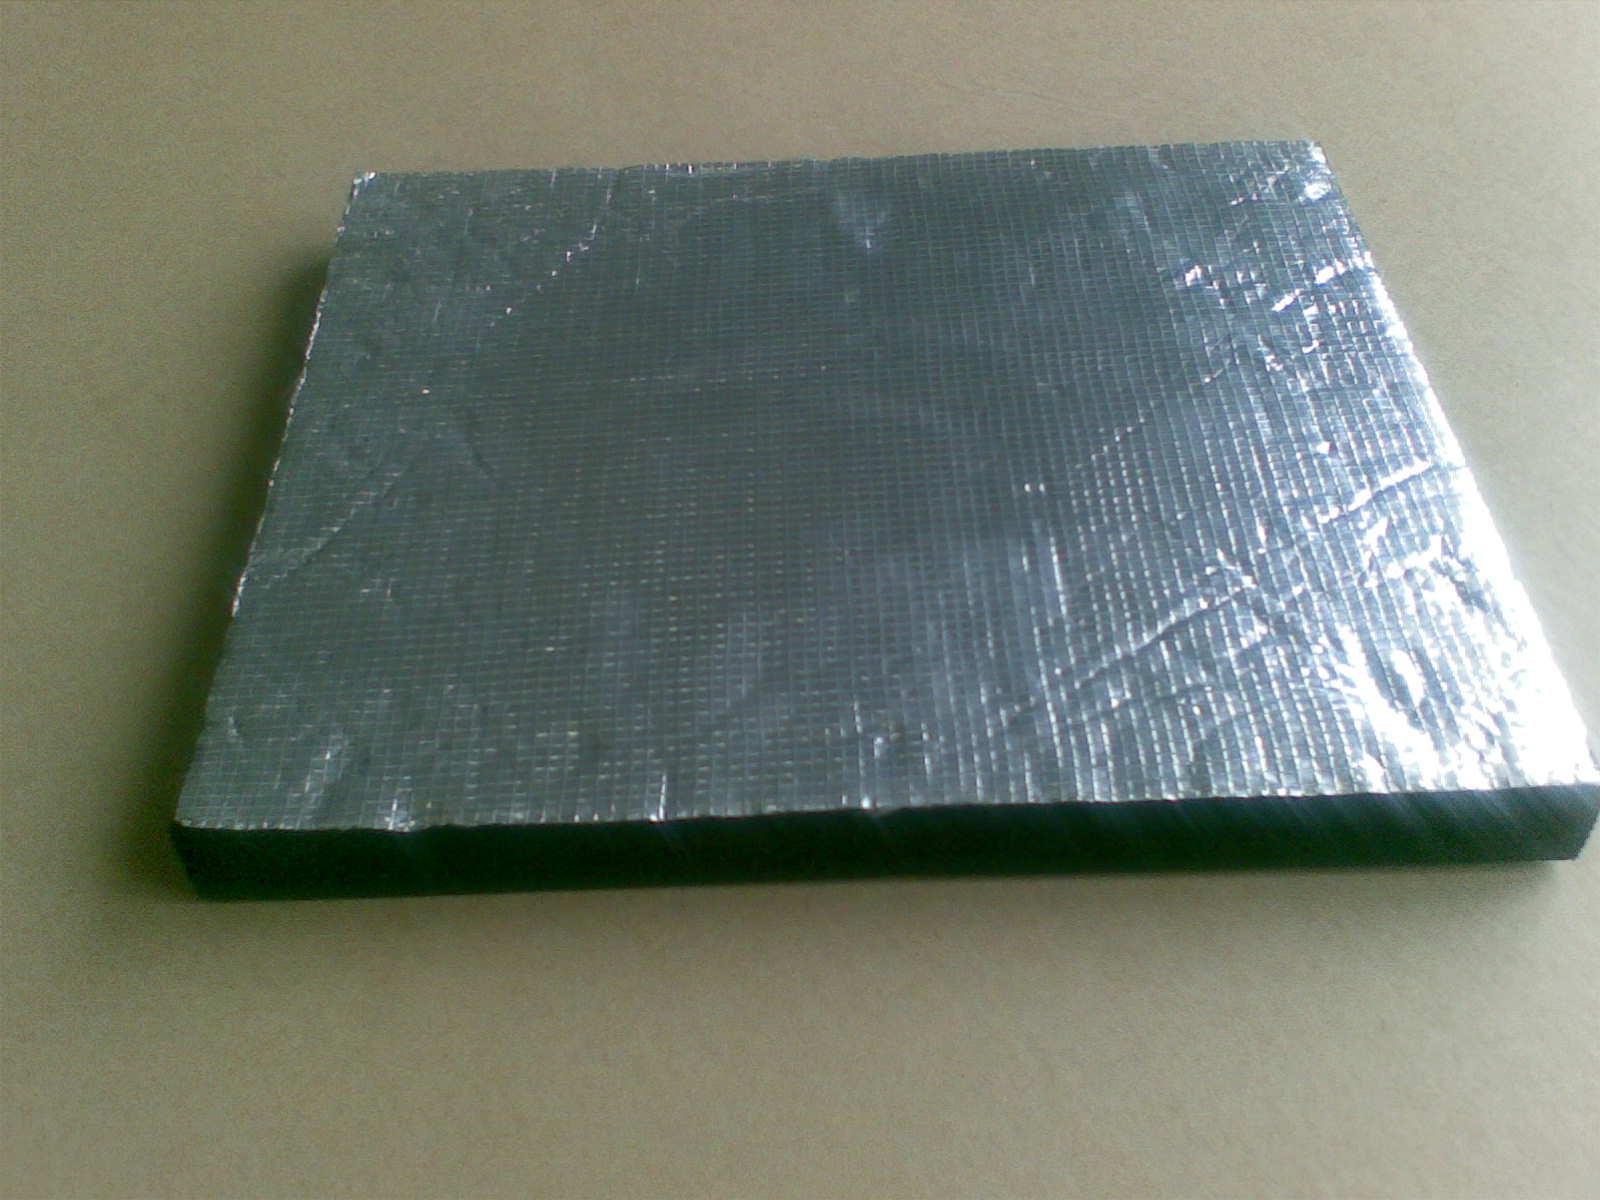 上海帶鋁箔橡塑板   橡塑供應商批發廠家批發價格【旺卓橡塑科技(上海)有限公司】圖片